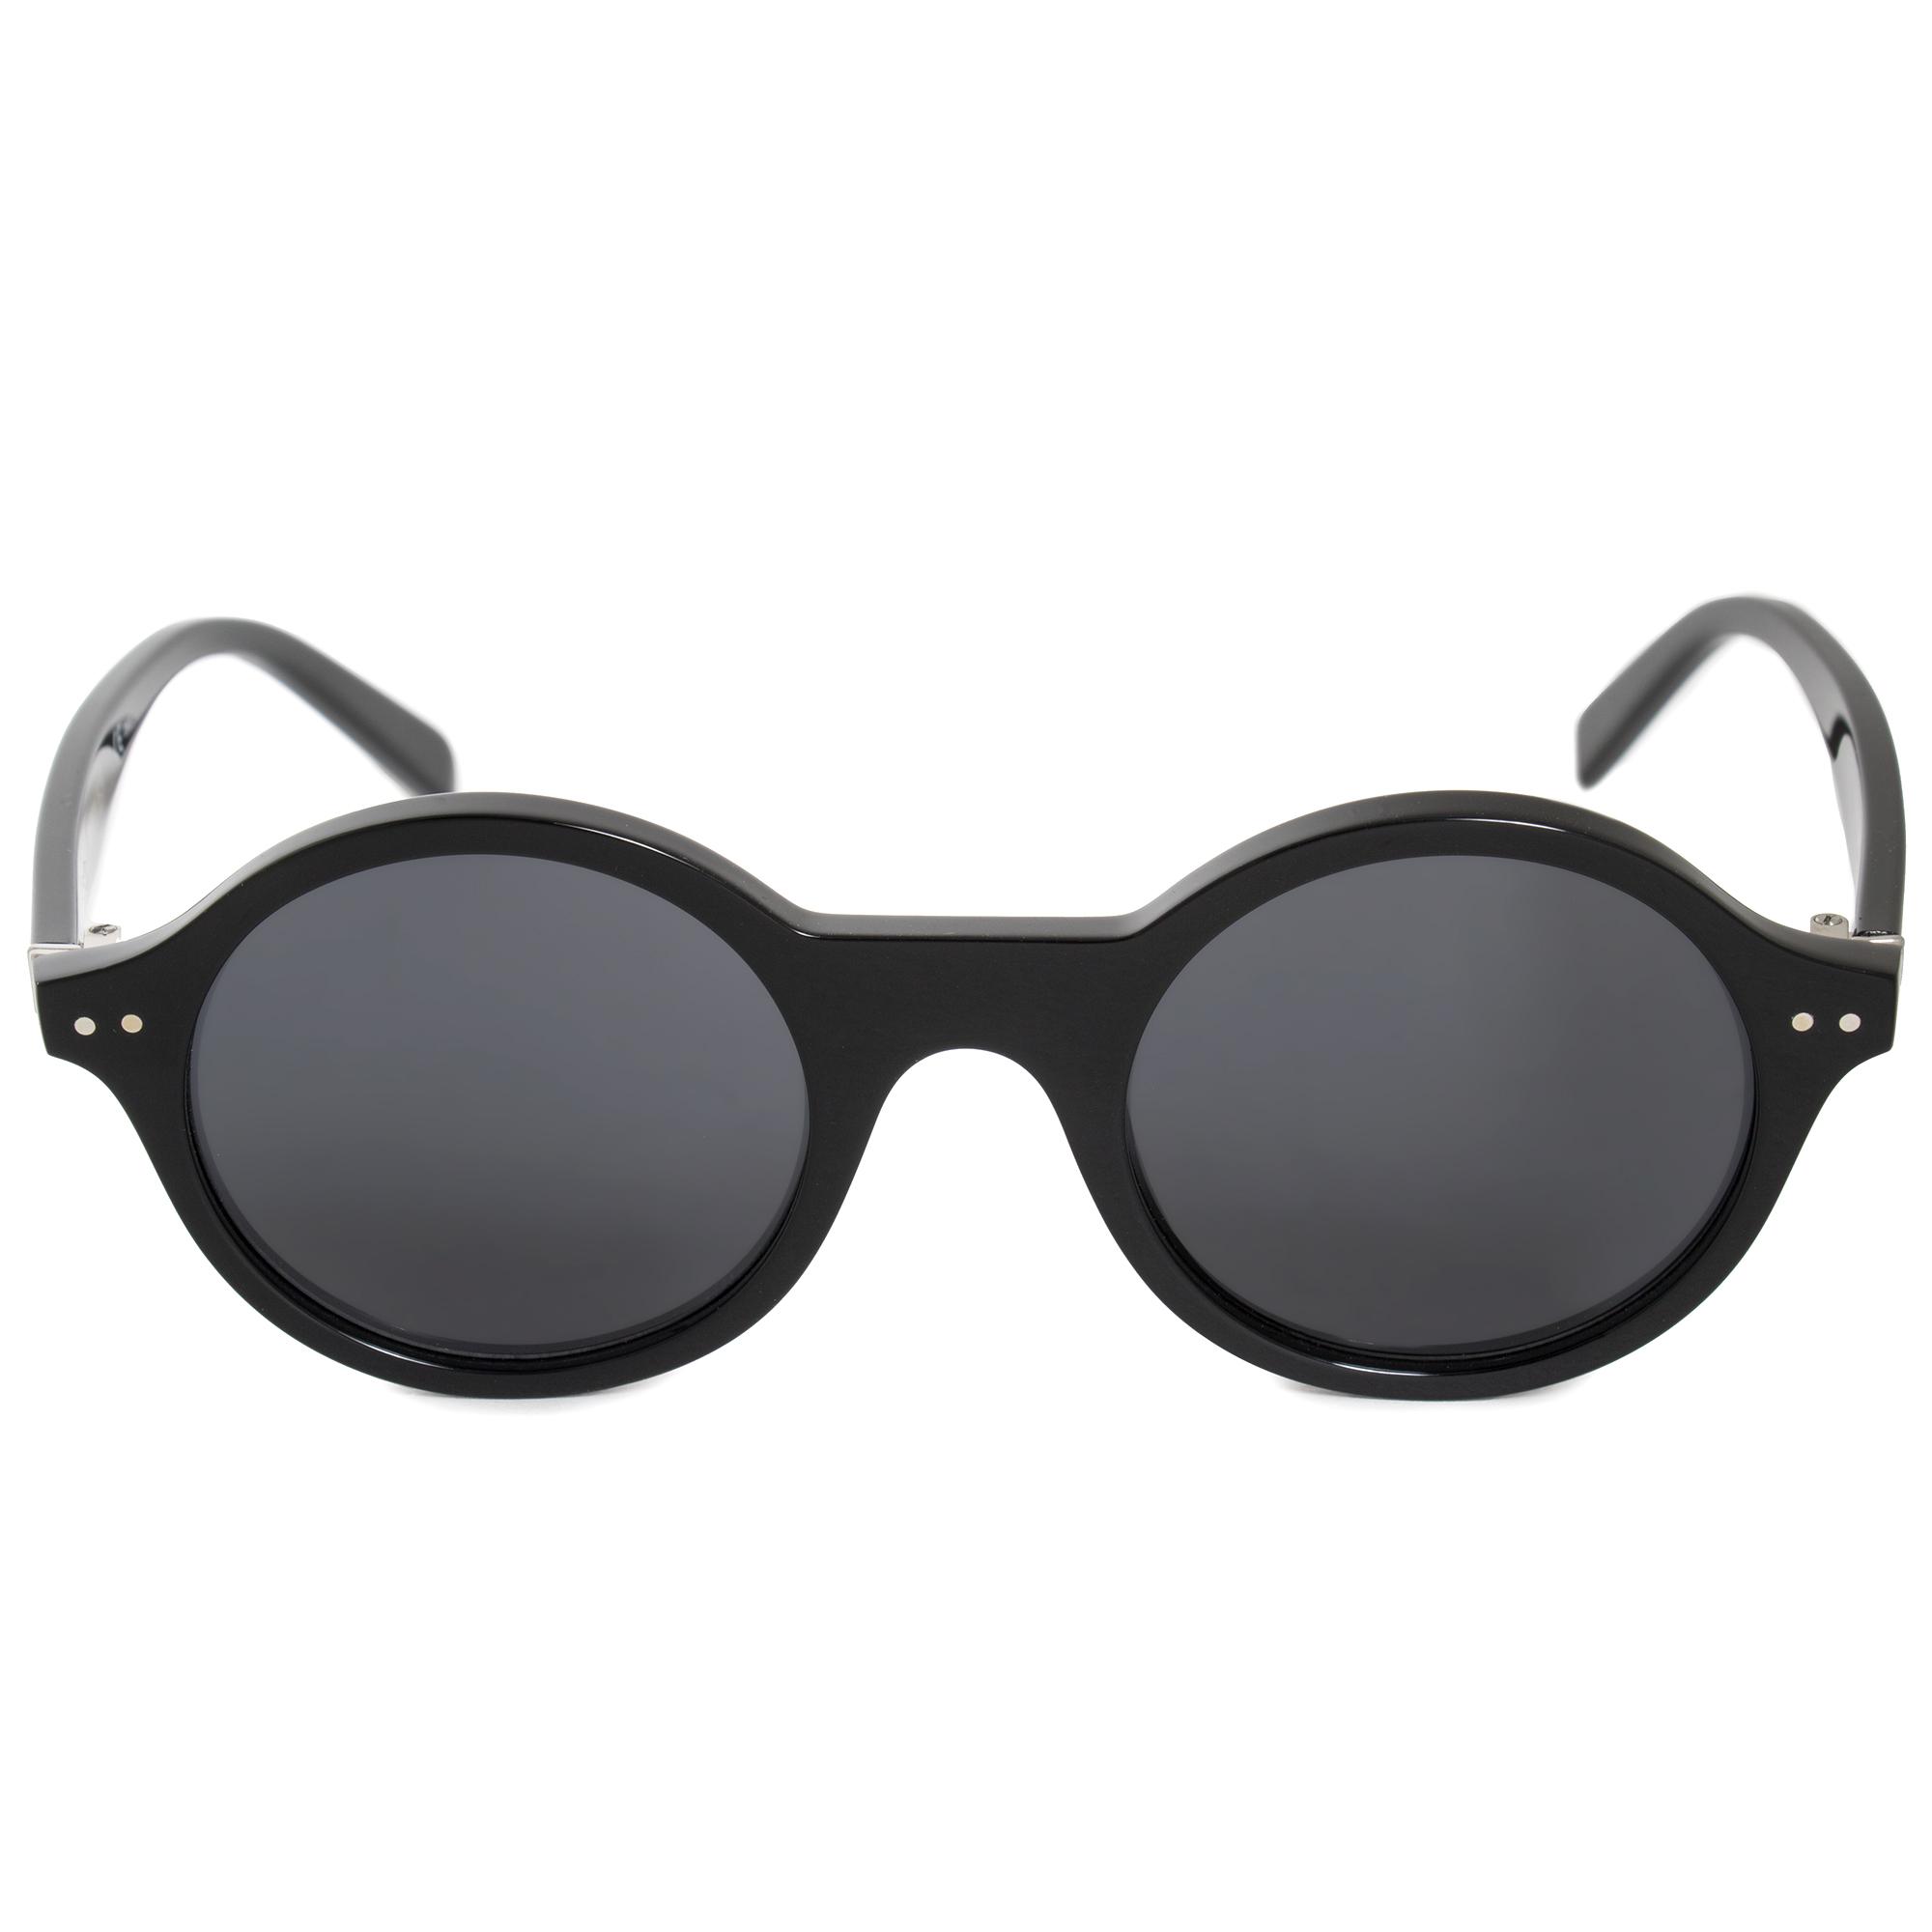 0af42a35affe Celine Round Sunglasses 41434S 807 IR 48 762753412799